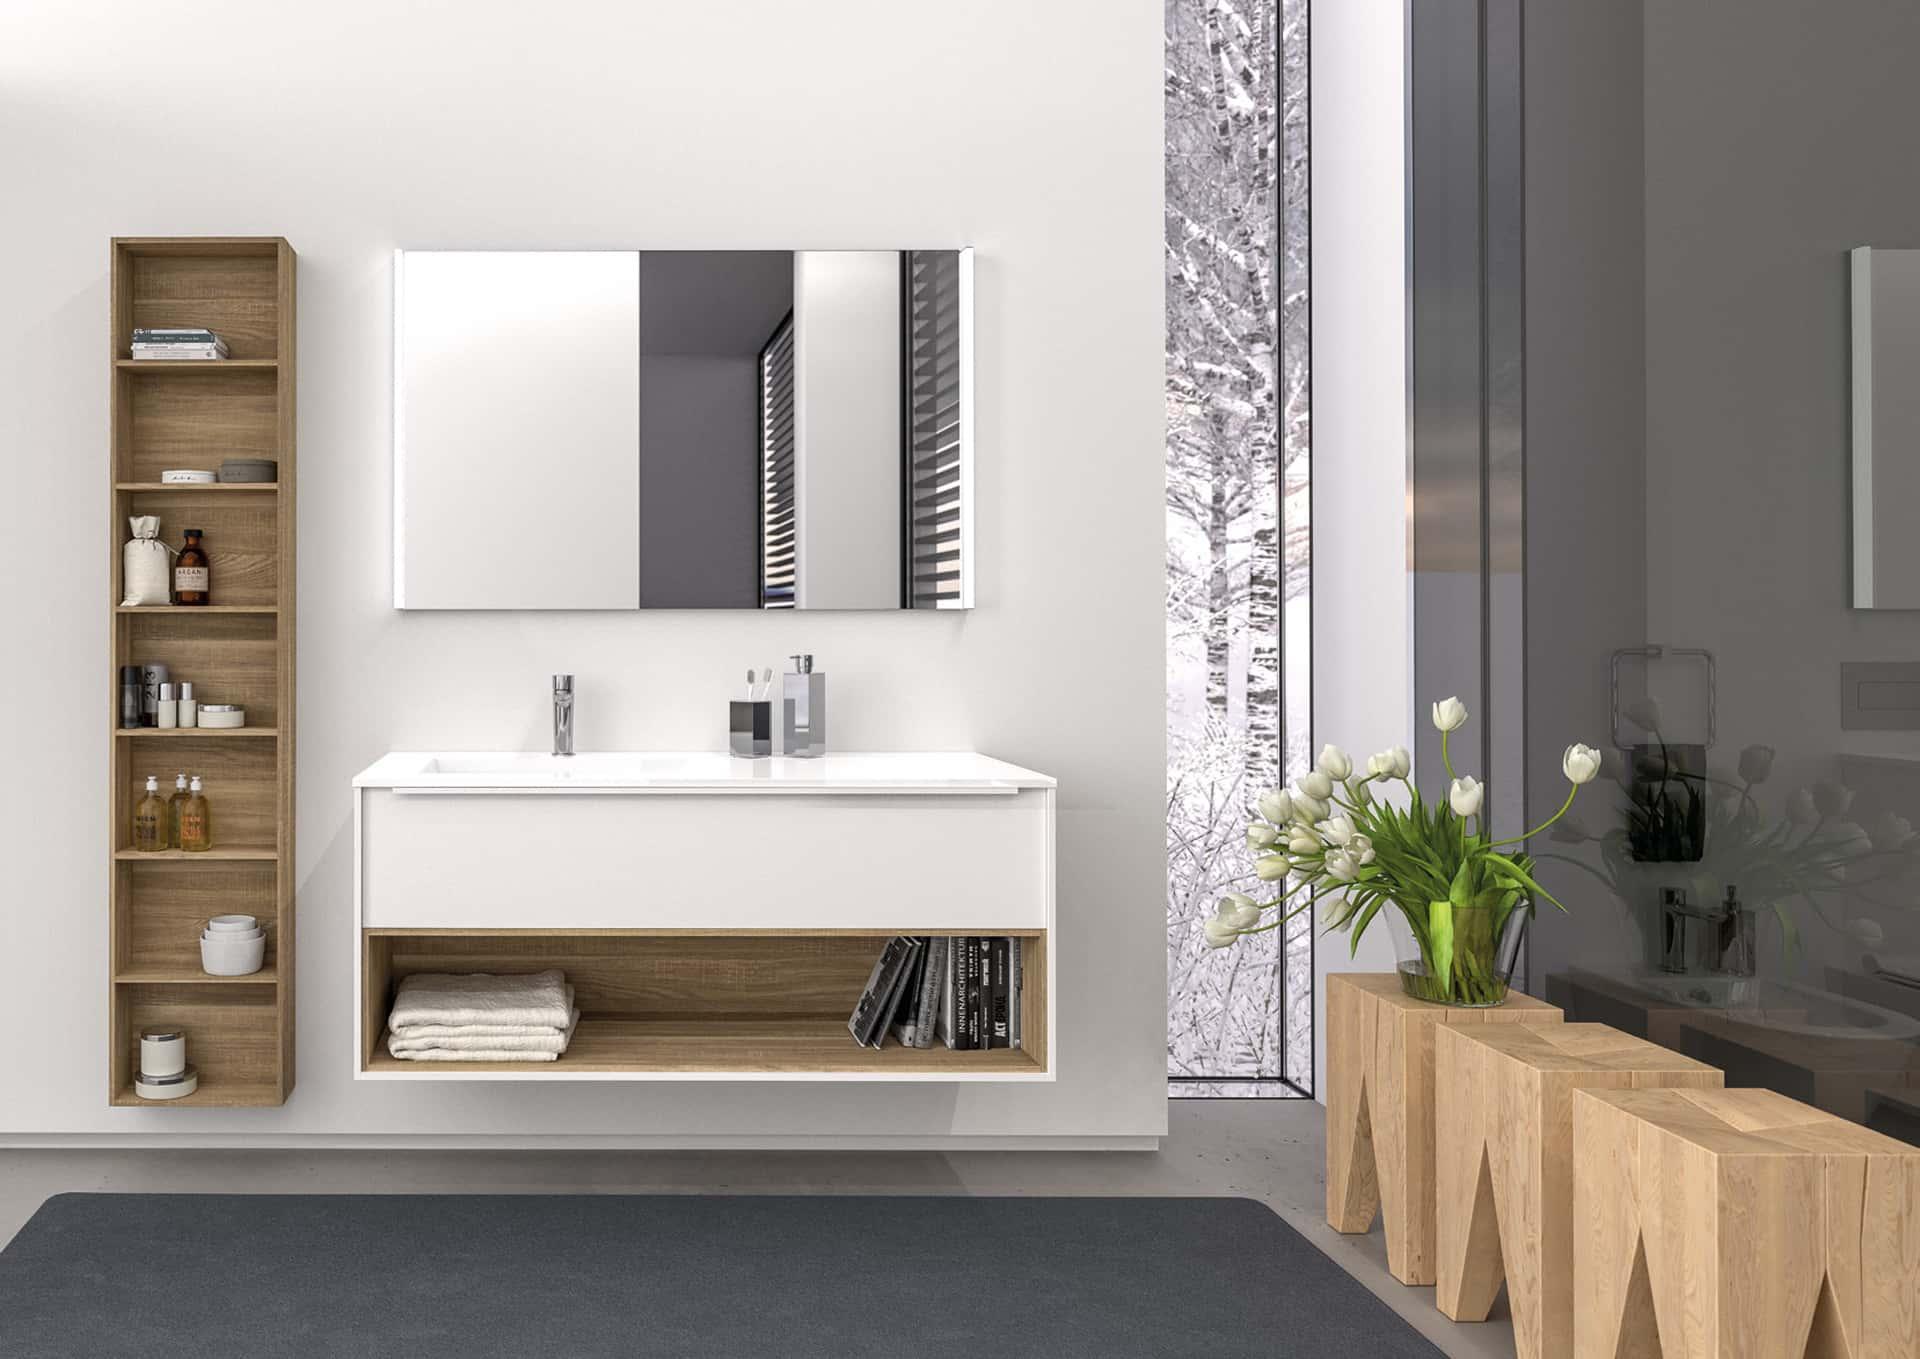 Come scegliere il mobile lavabo a terra sospeso o extra for Mobile lavabo